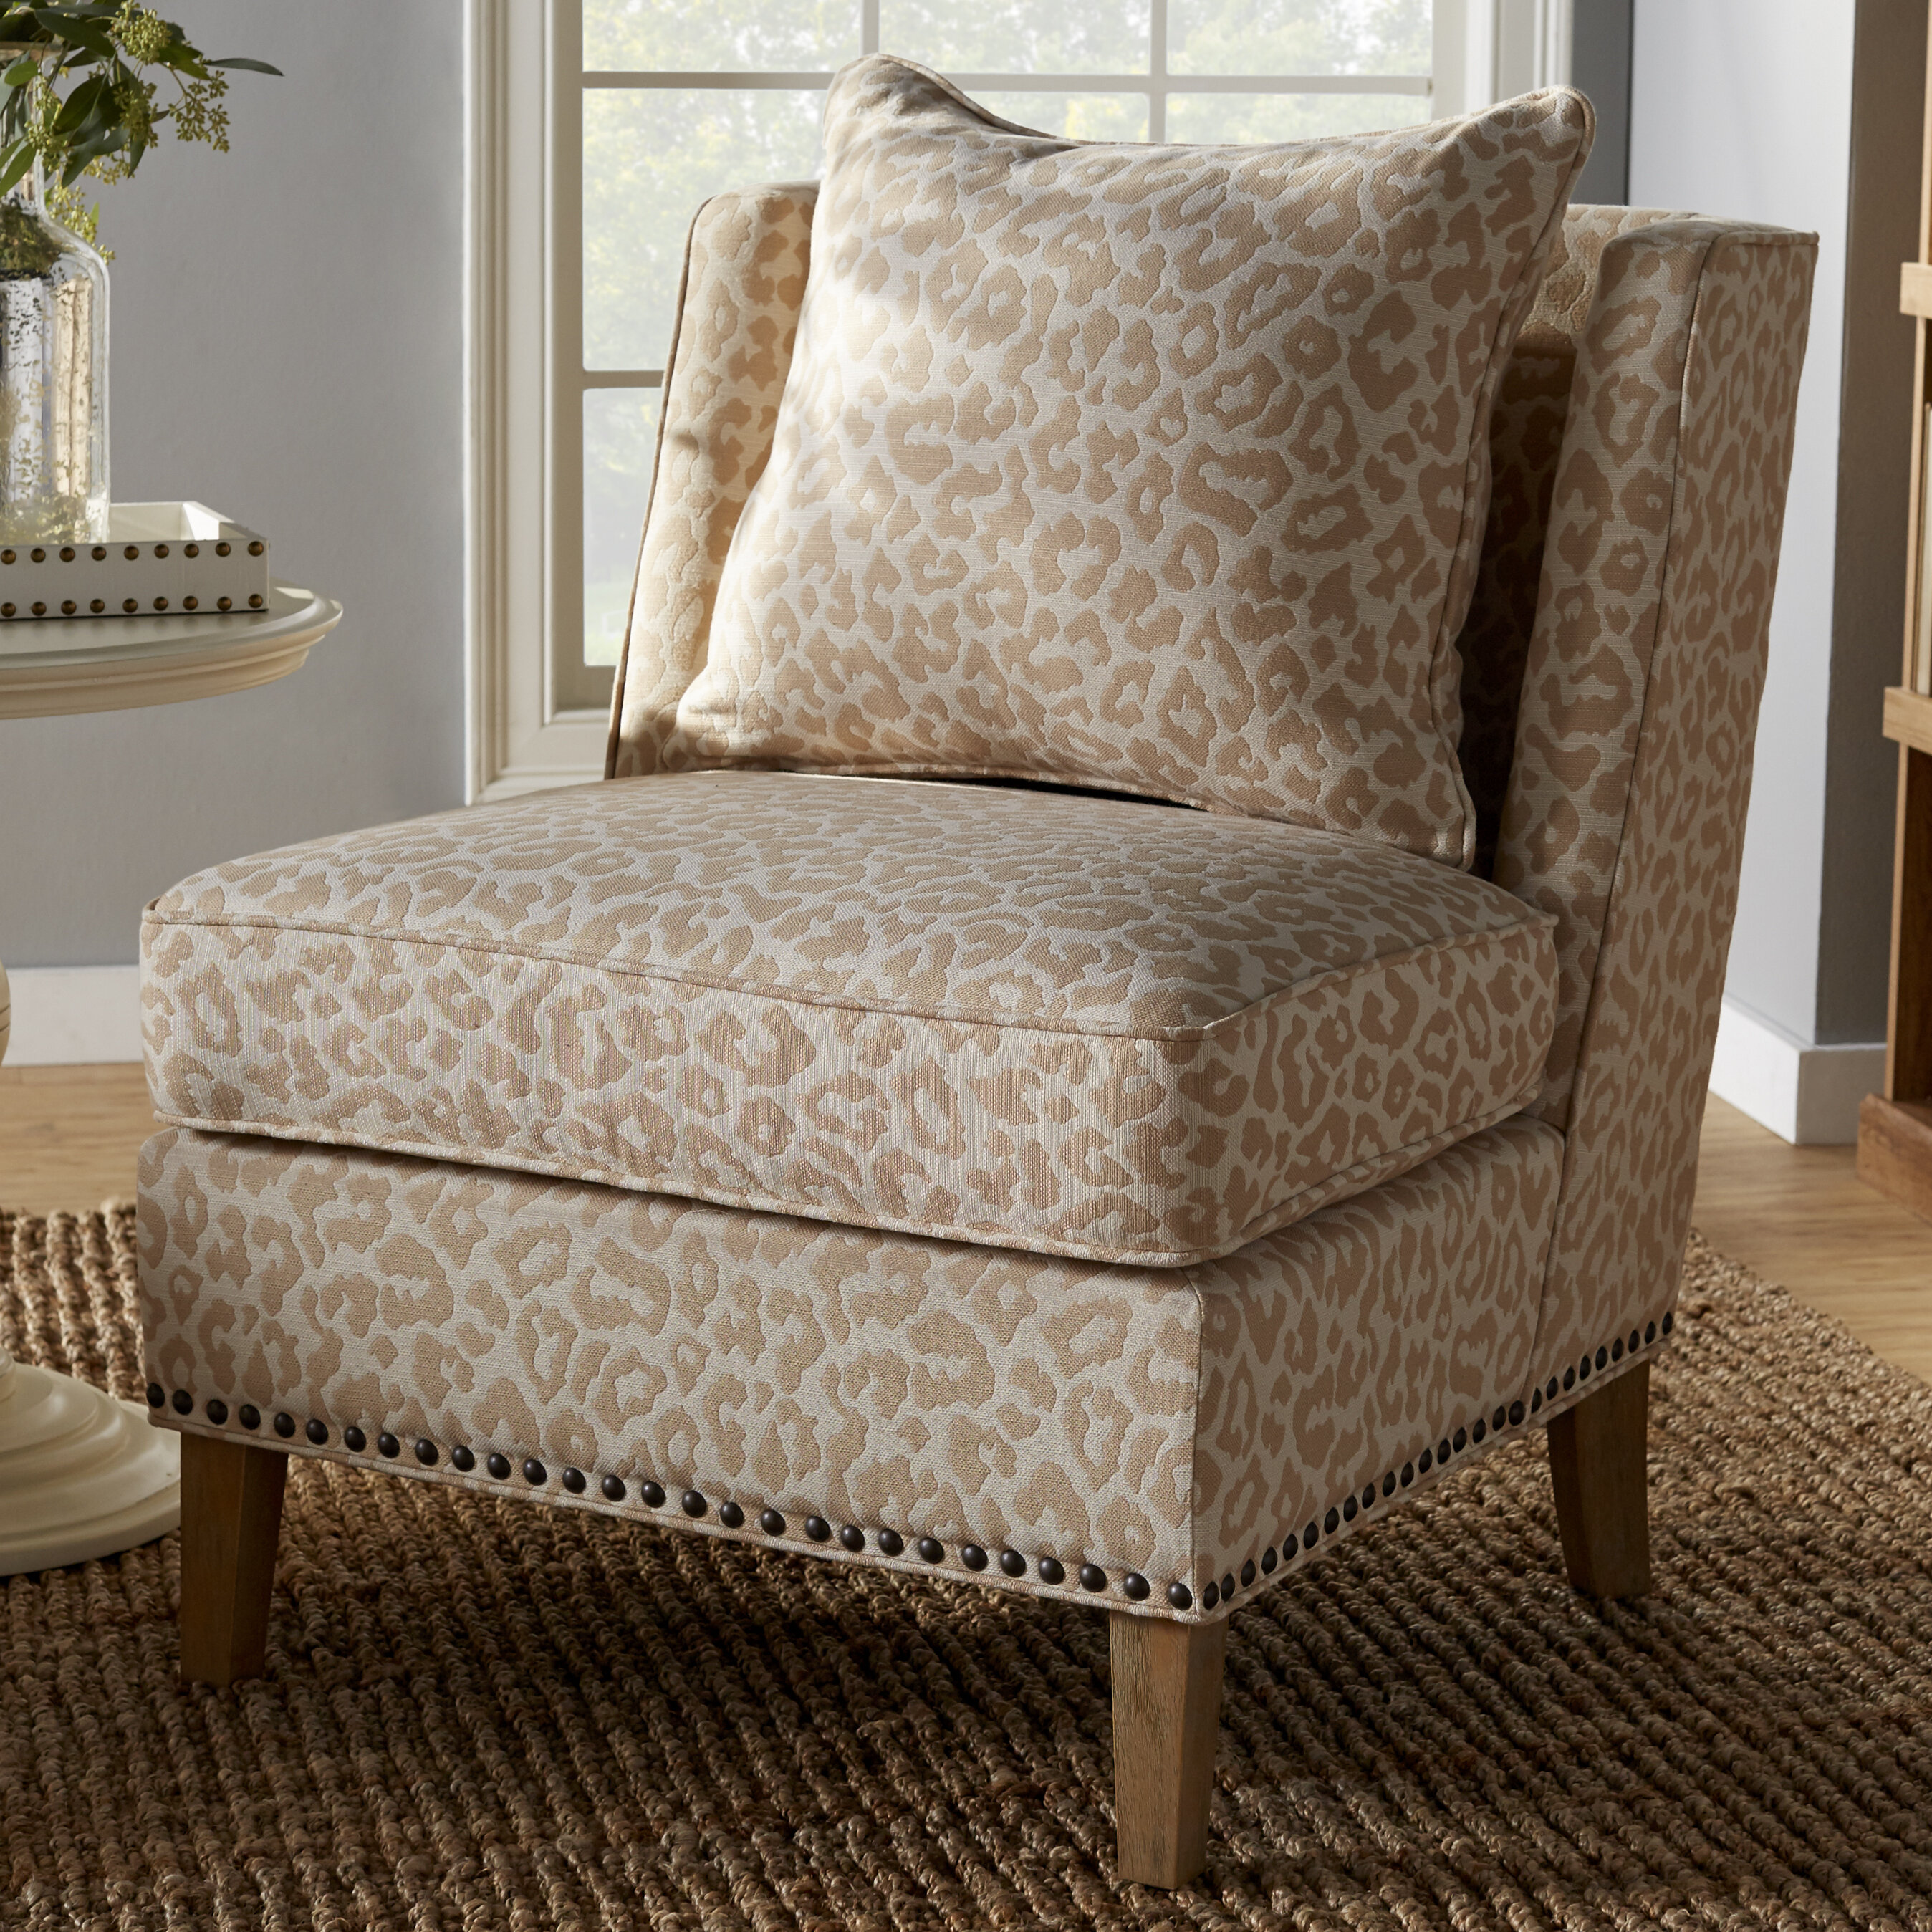 Mistana Kayleigh Slipper Chair Reviews Wayfair